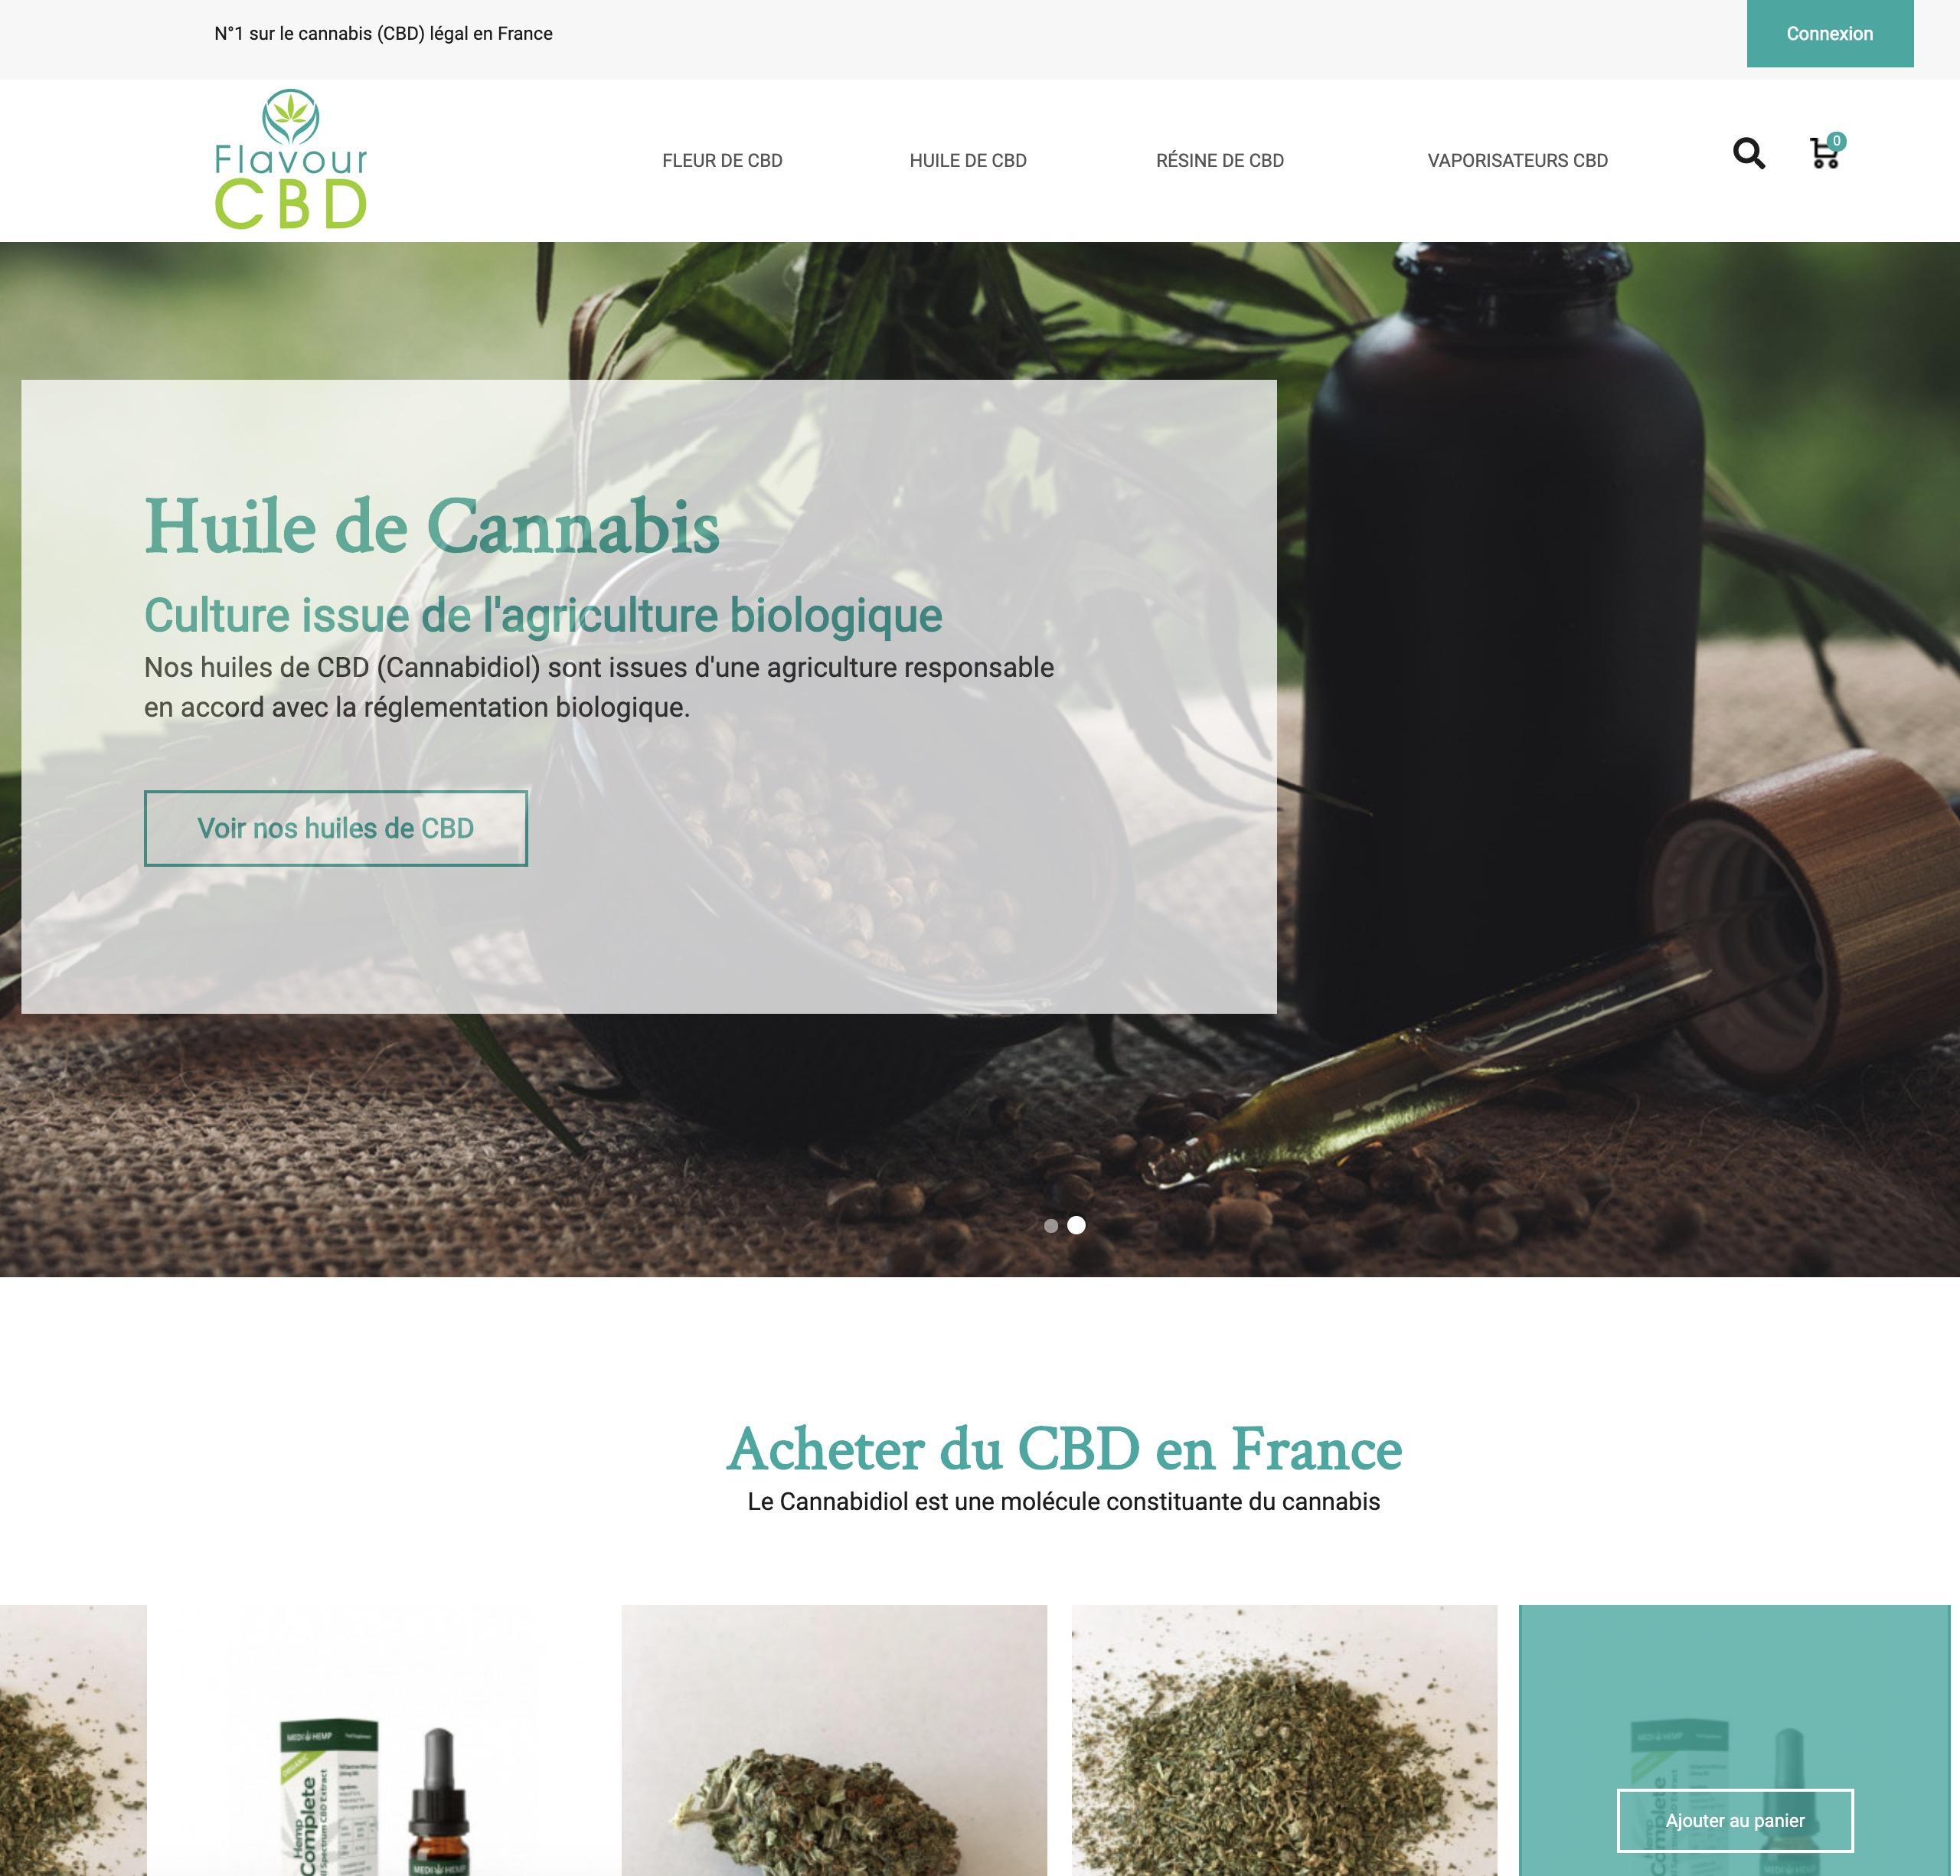 Flavour CBD : vente de CBD légal en France